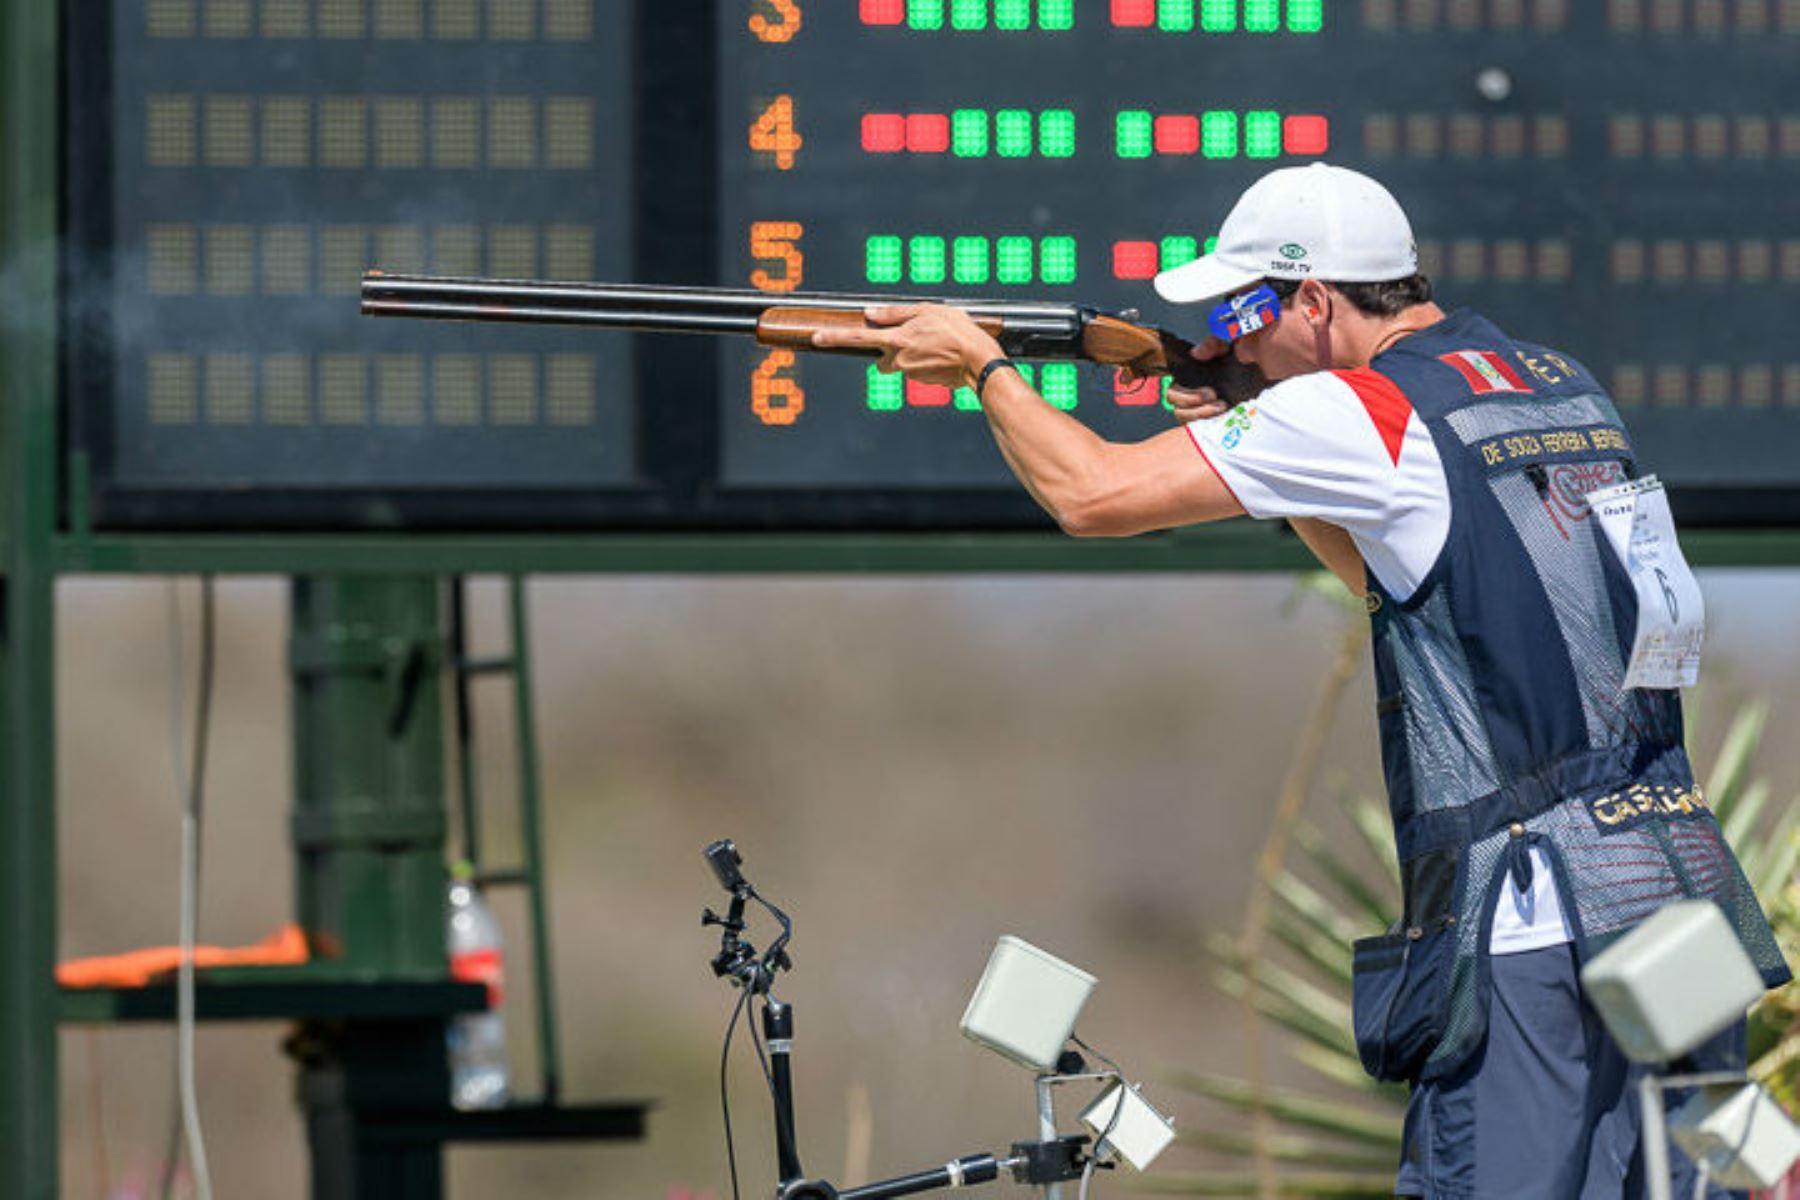 Alessandro De Souza Ferreira clasificó a los Juegos Olímpicos de Tokio 2020